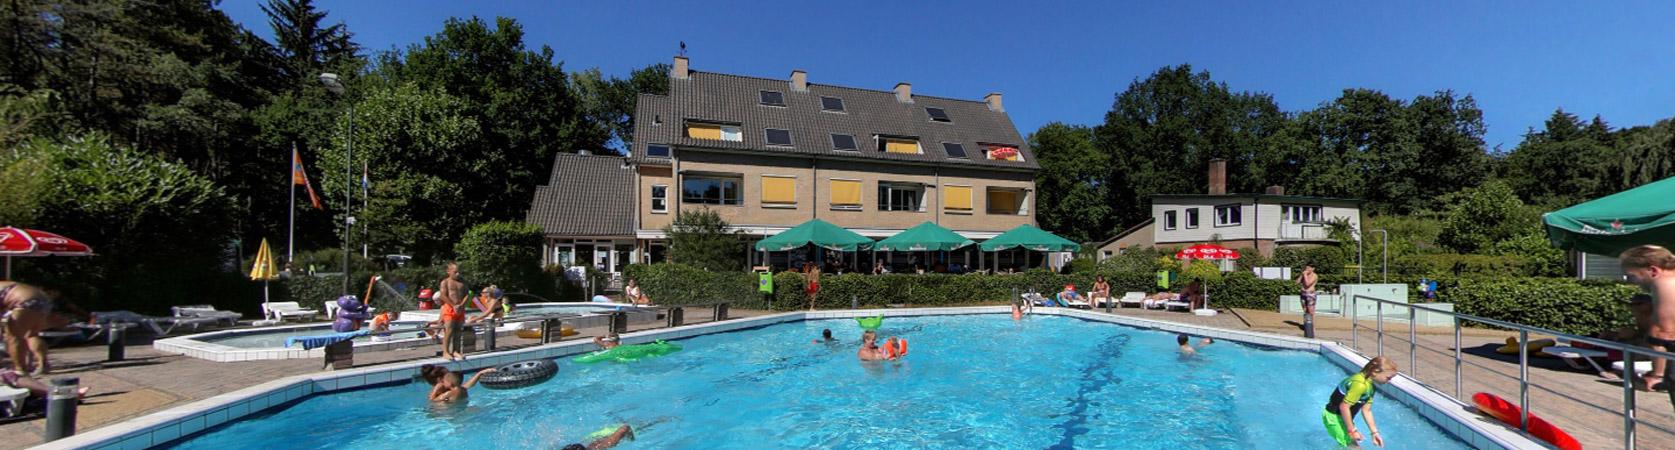 Vakantiepark Bonte Vlucht - Doorn, Utrecht